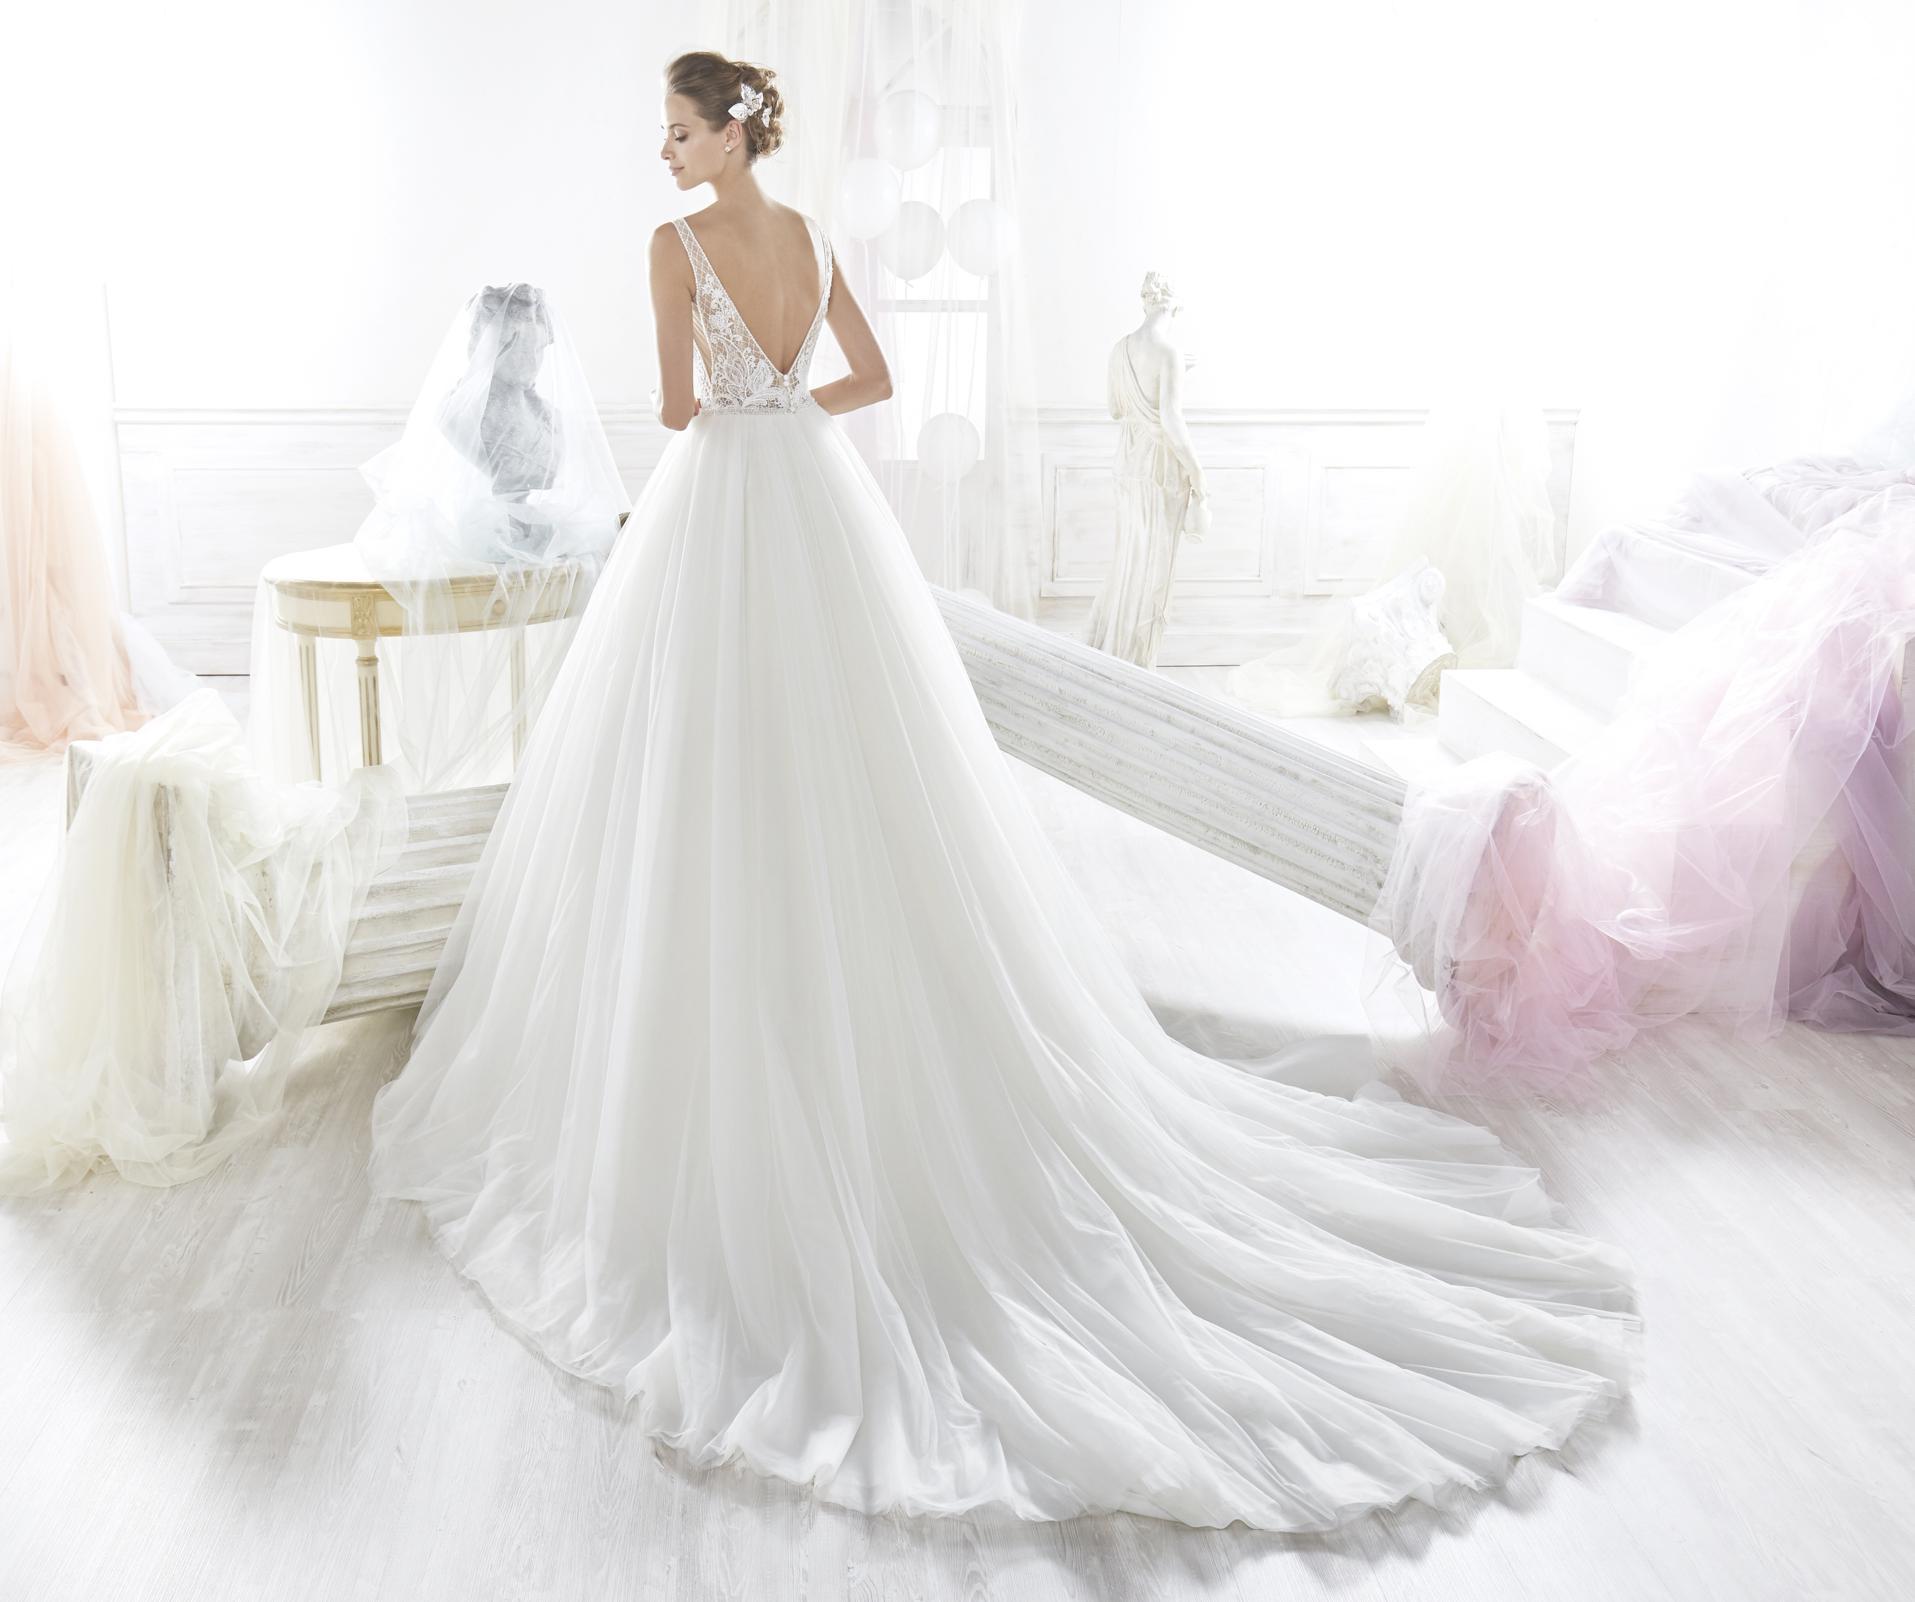 Nicole 18009 abiti da sposa il giardino della sposa - Il giardino della sposa ...